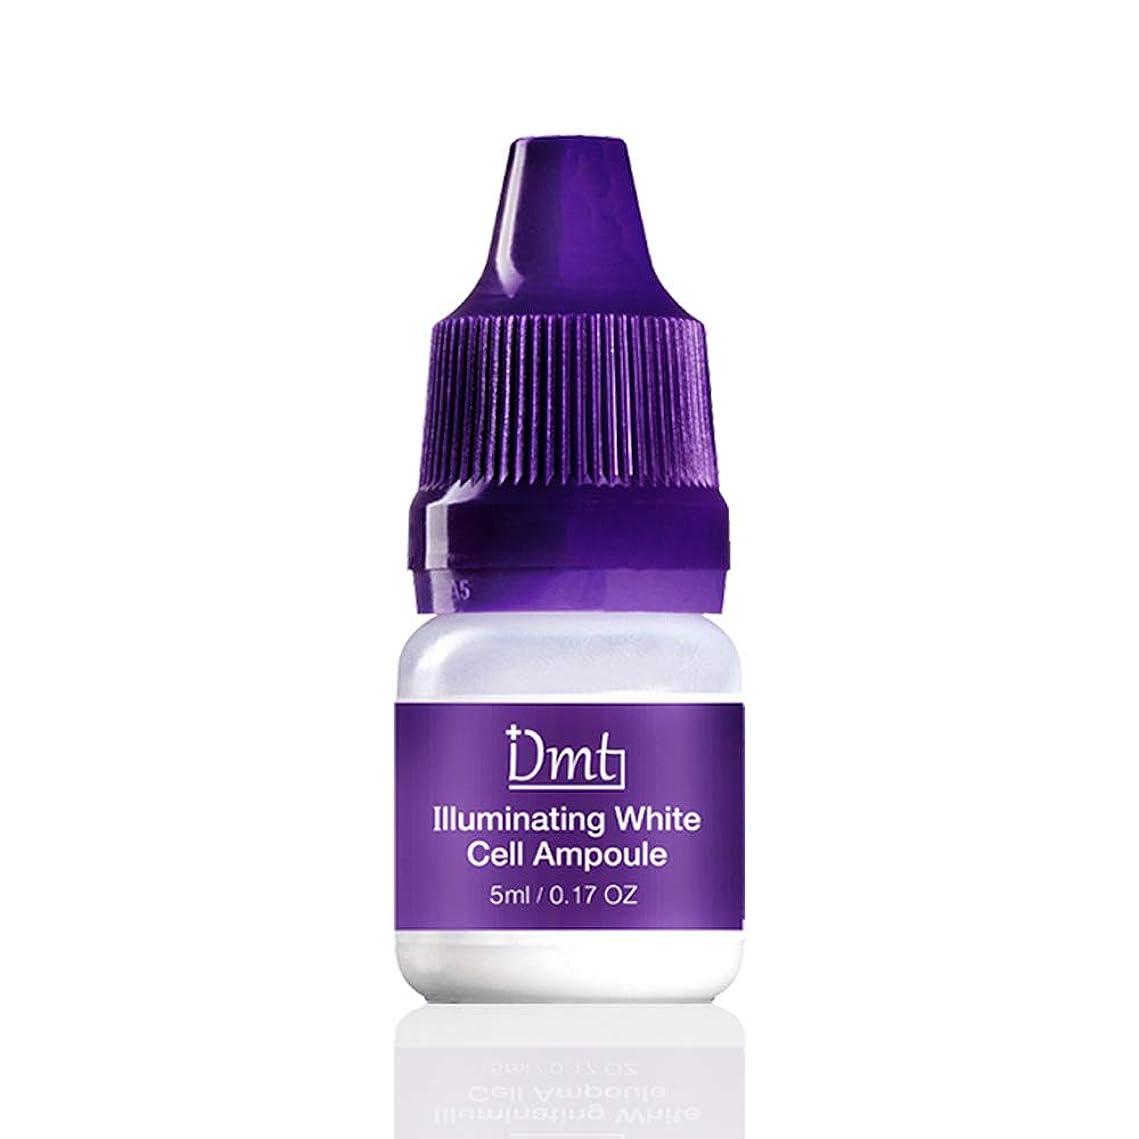 オゾン単独で環境DMT De Medicotem Illuminating White Cell Ampoule 5ml x 10 Ampoules イルミネーティングホワイトセルアンプル5ml x 10アンプル